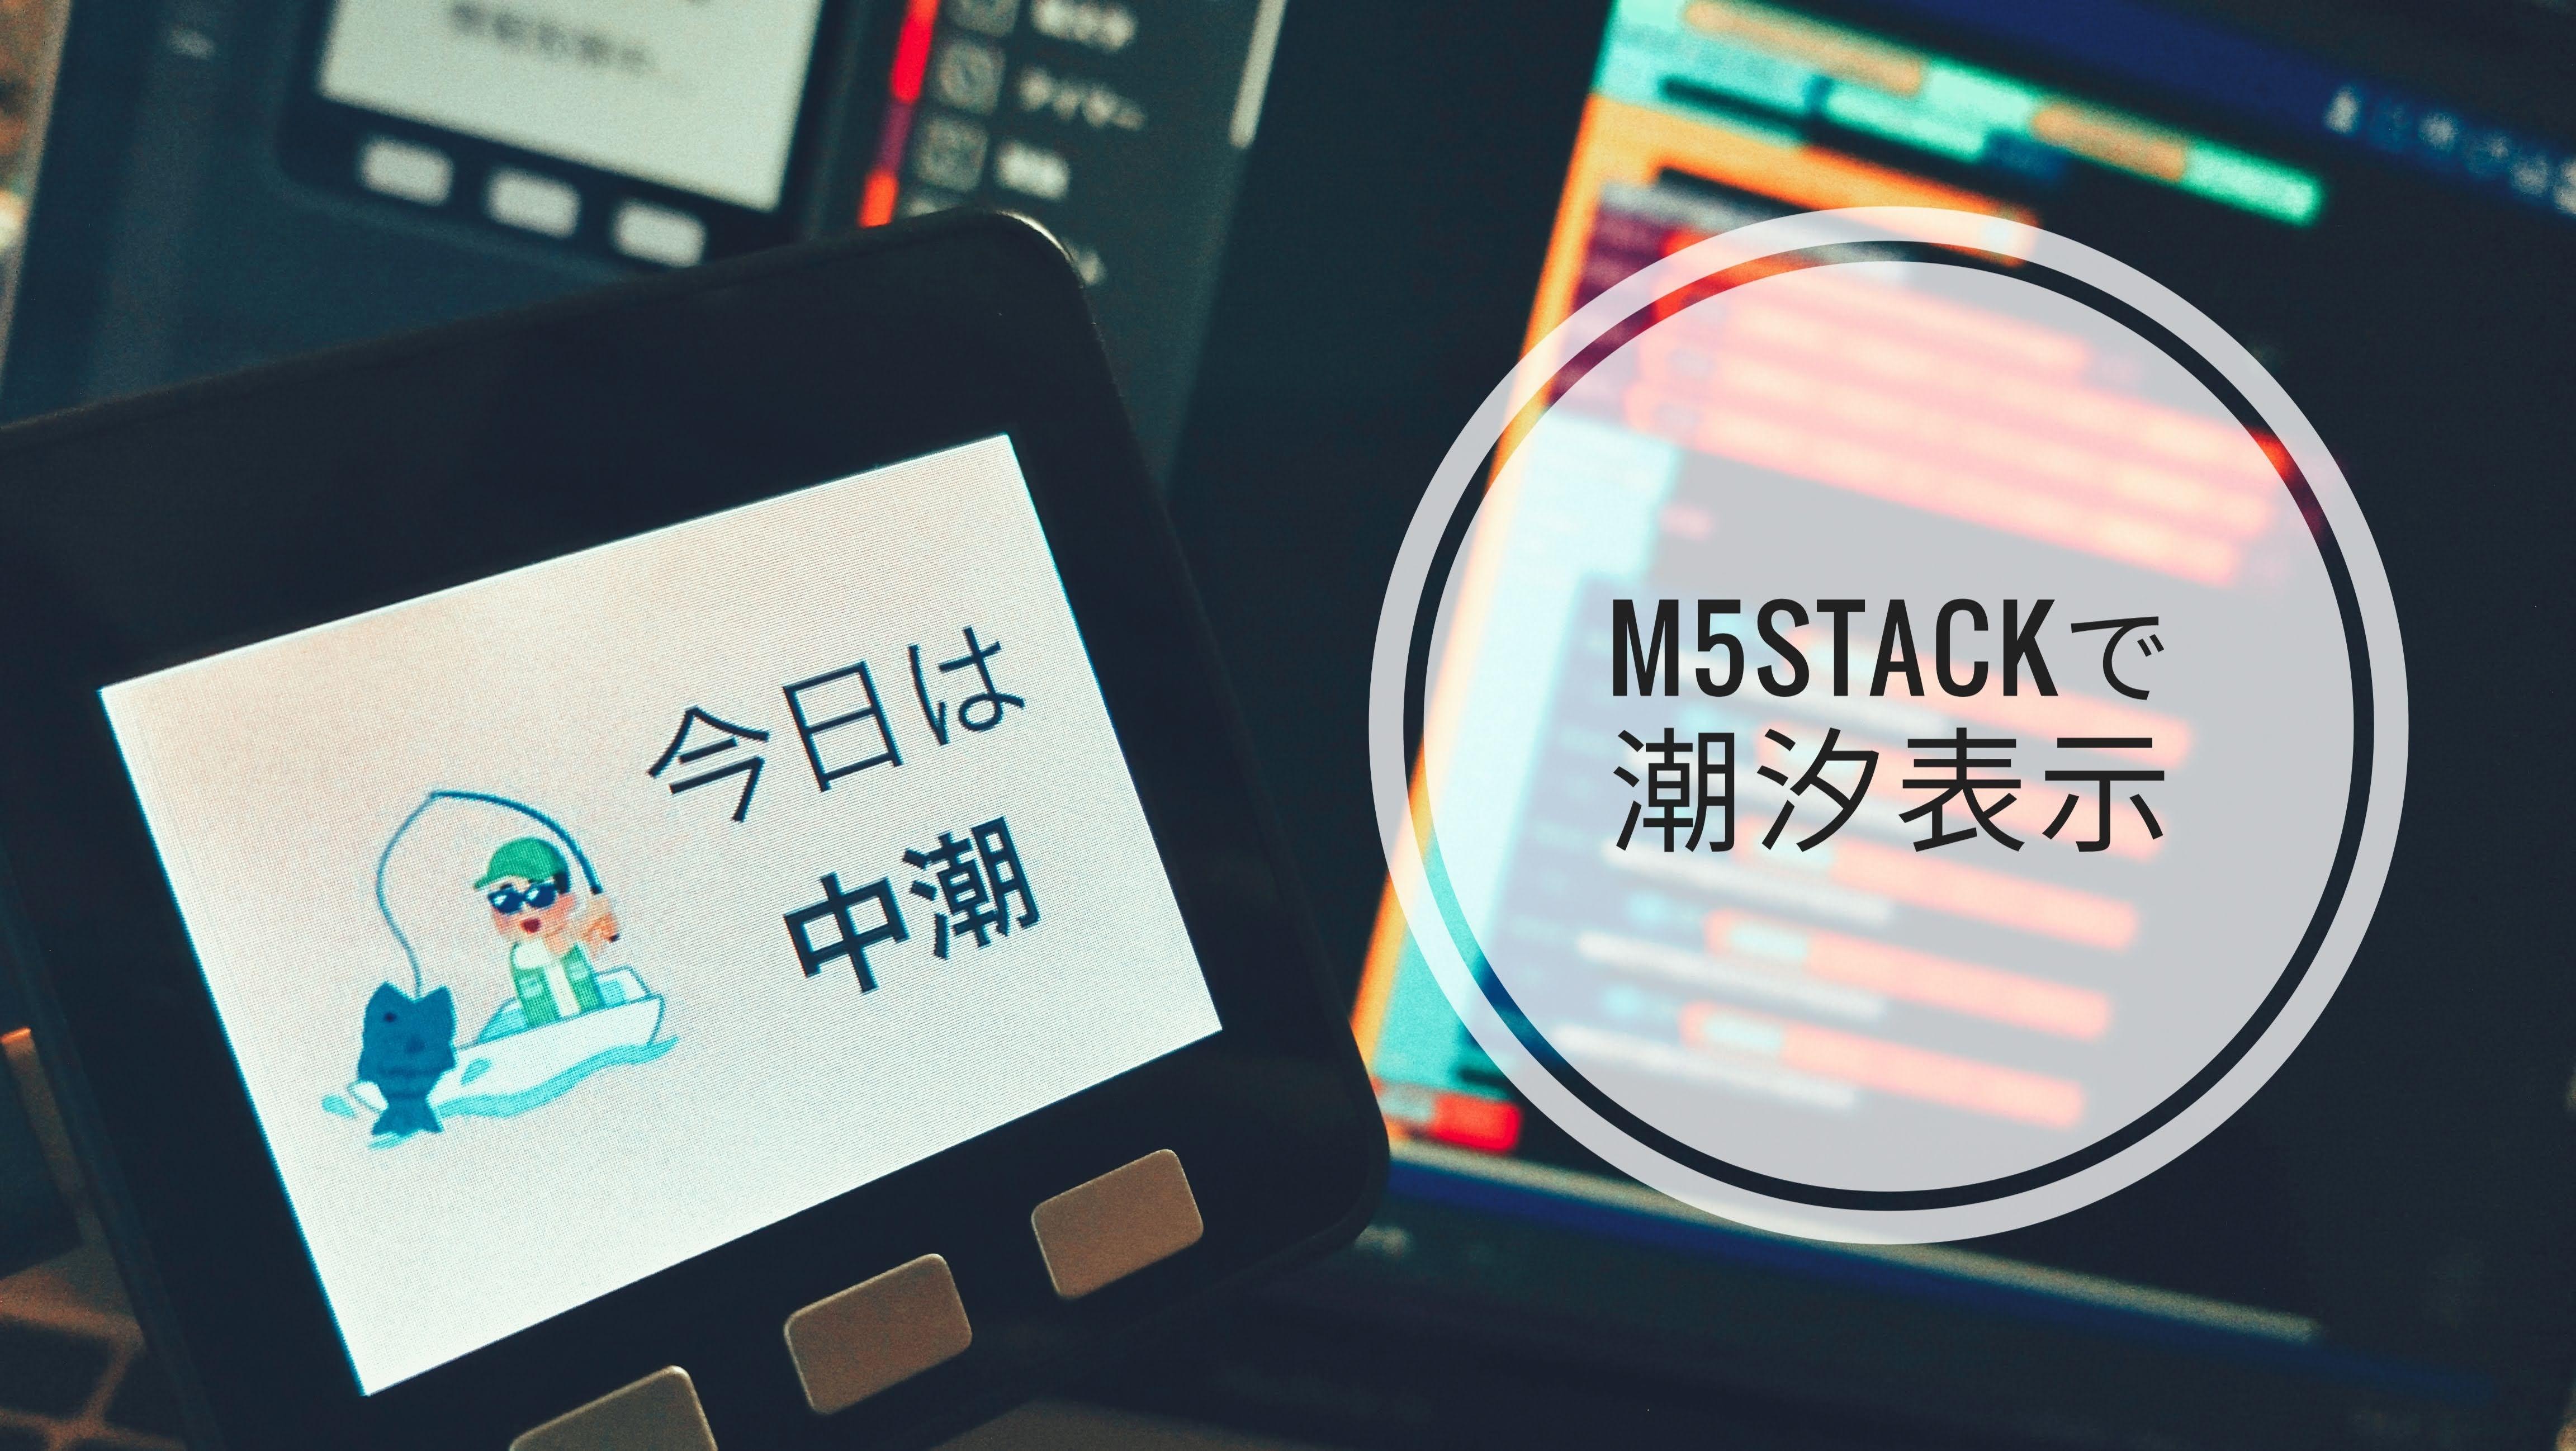 ポキオ M5Stack 潮汐